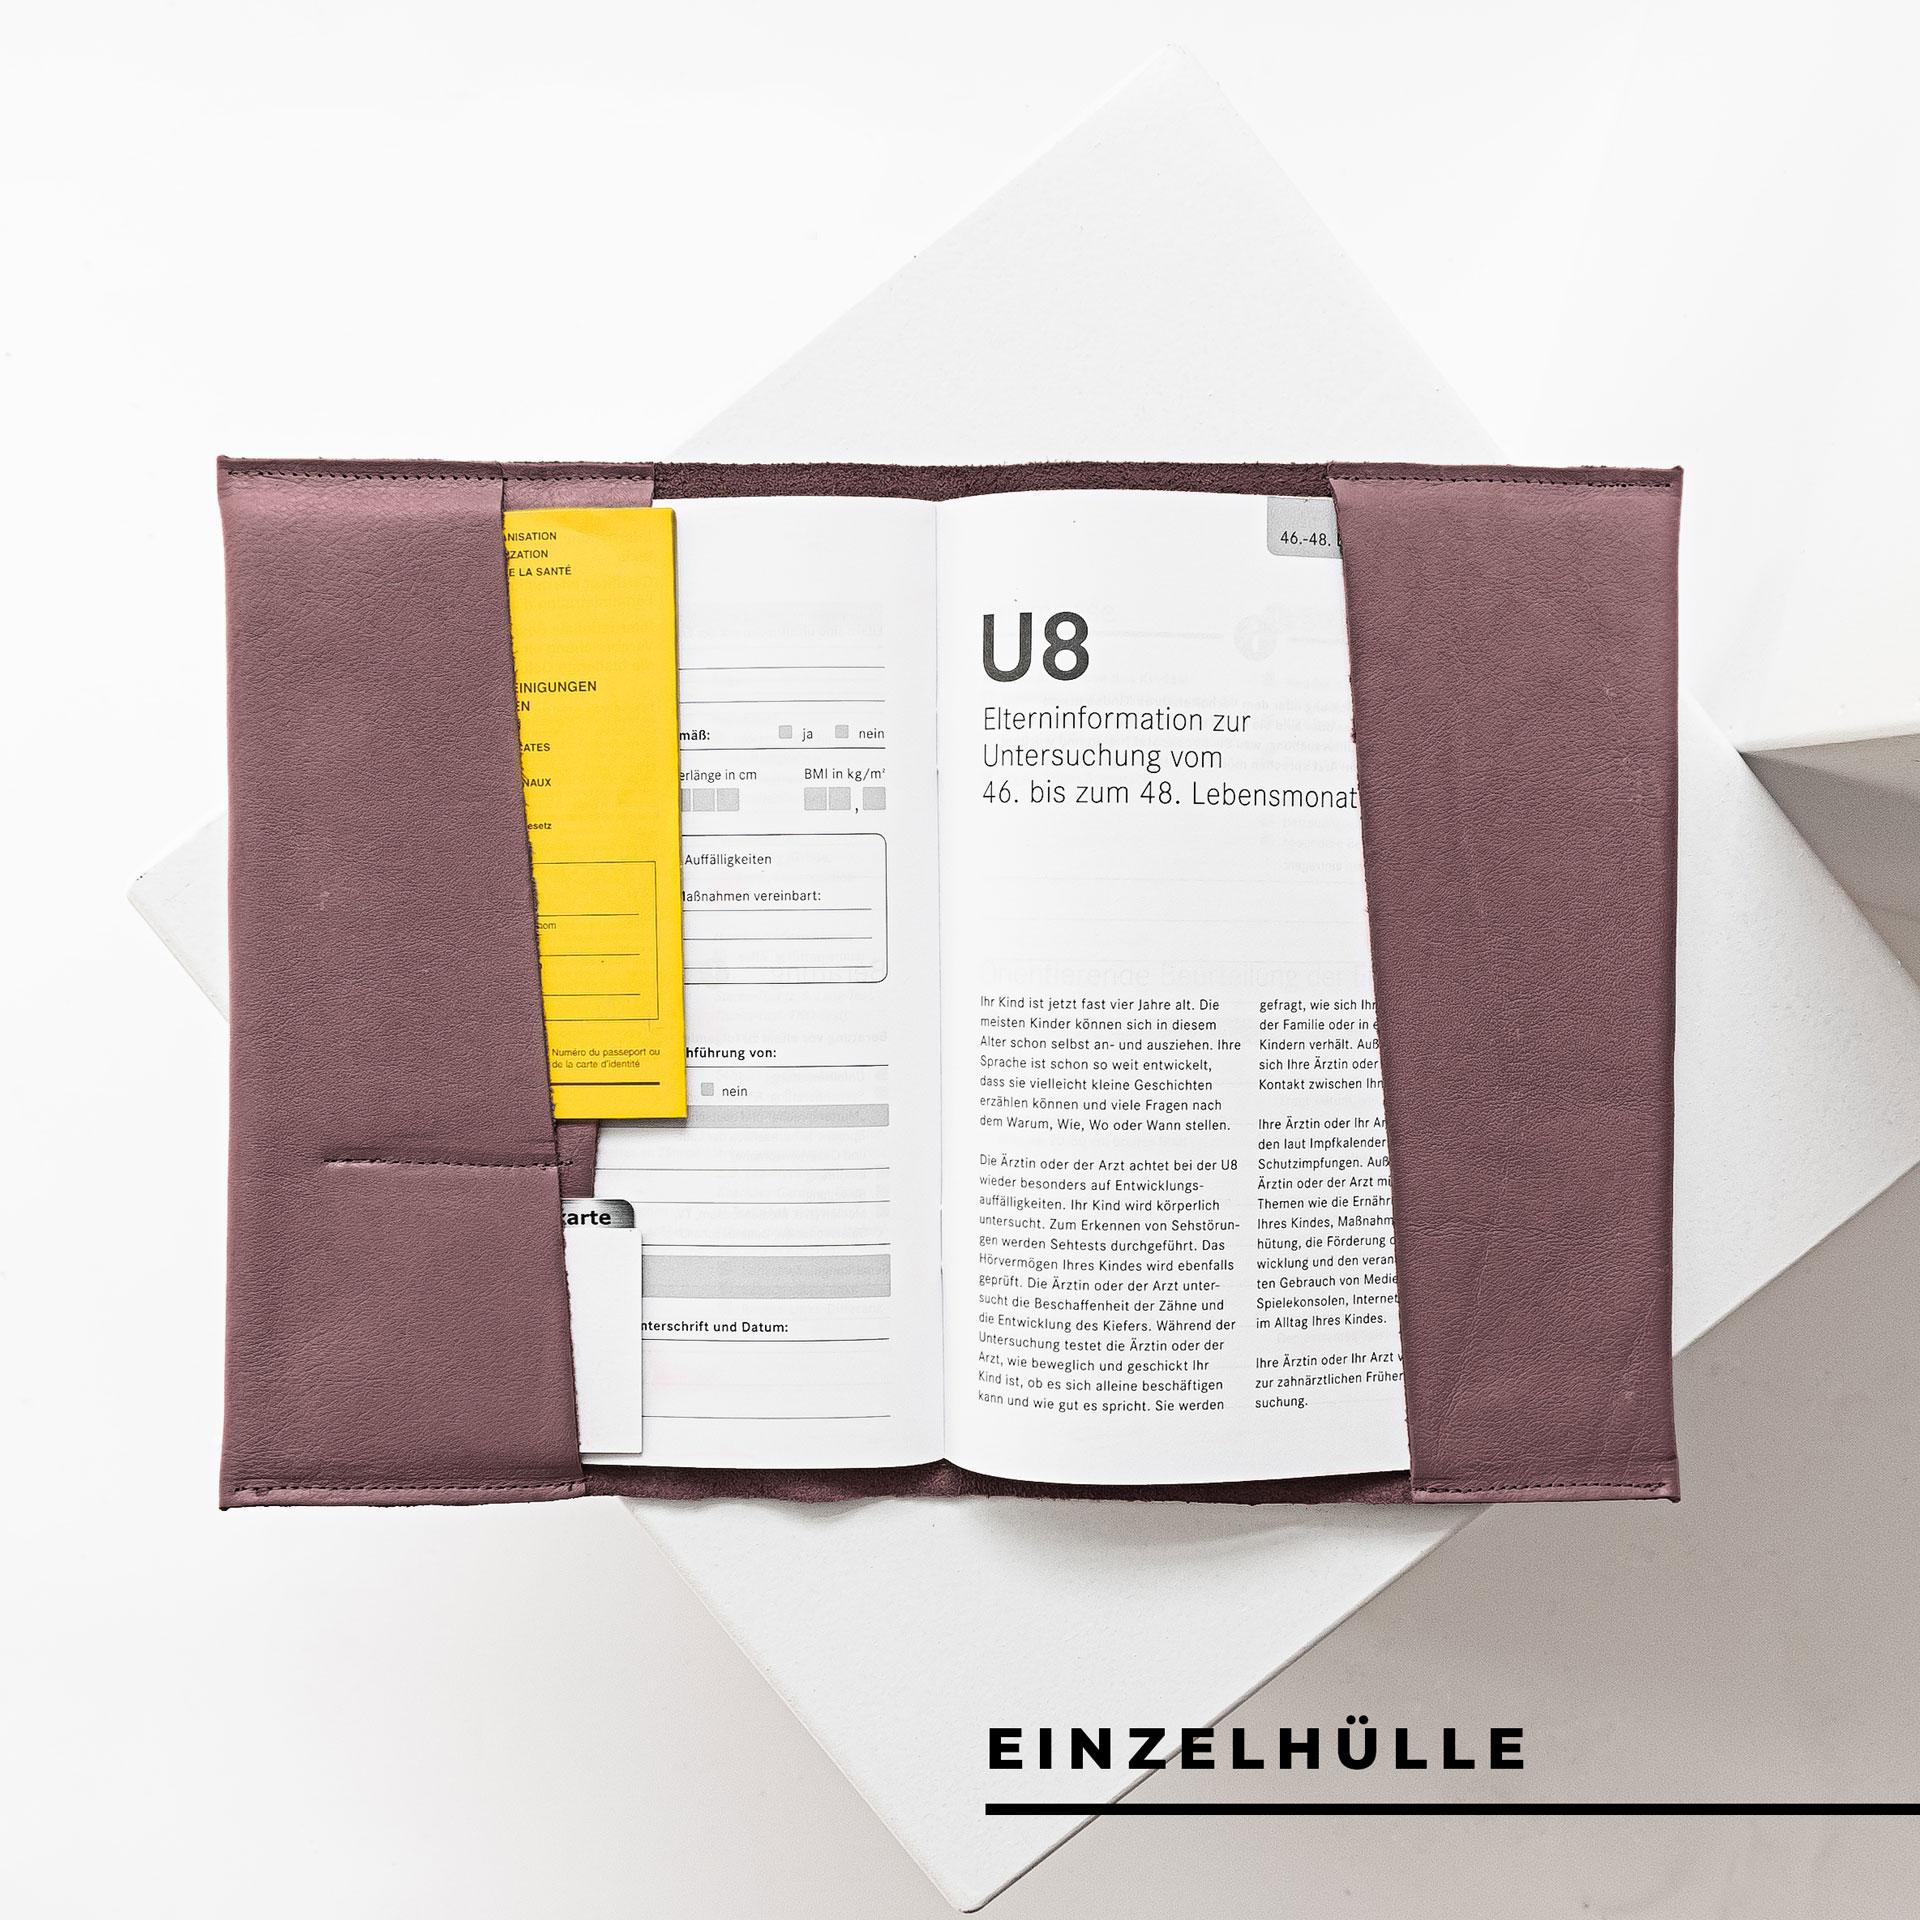 Innenansicht der U-Hefthülle EVE als Einzelhülle aus nachhaltigem Naturleder in Flieder mit U-Heft, Impfpass und Versichertenkarte